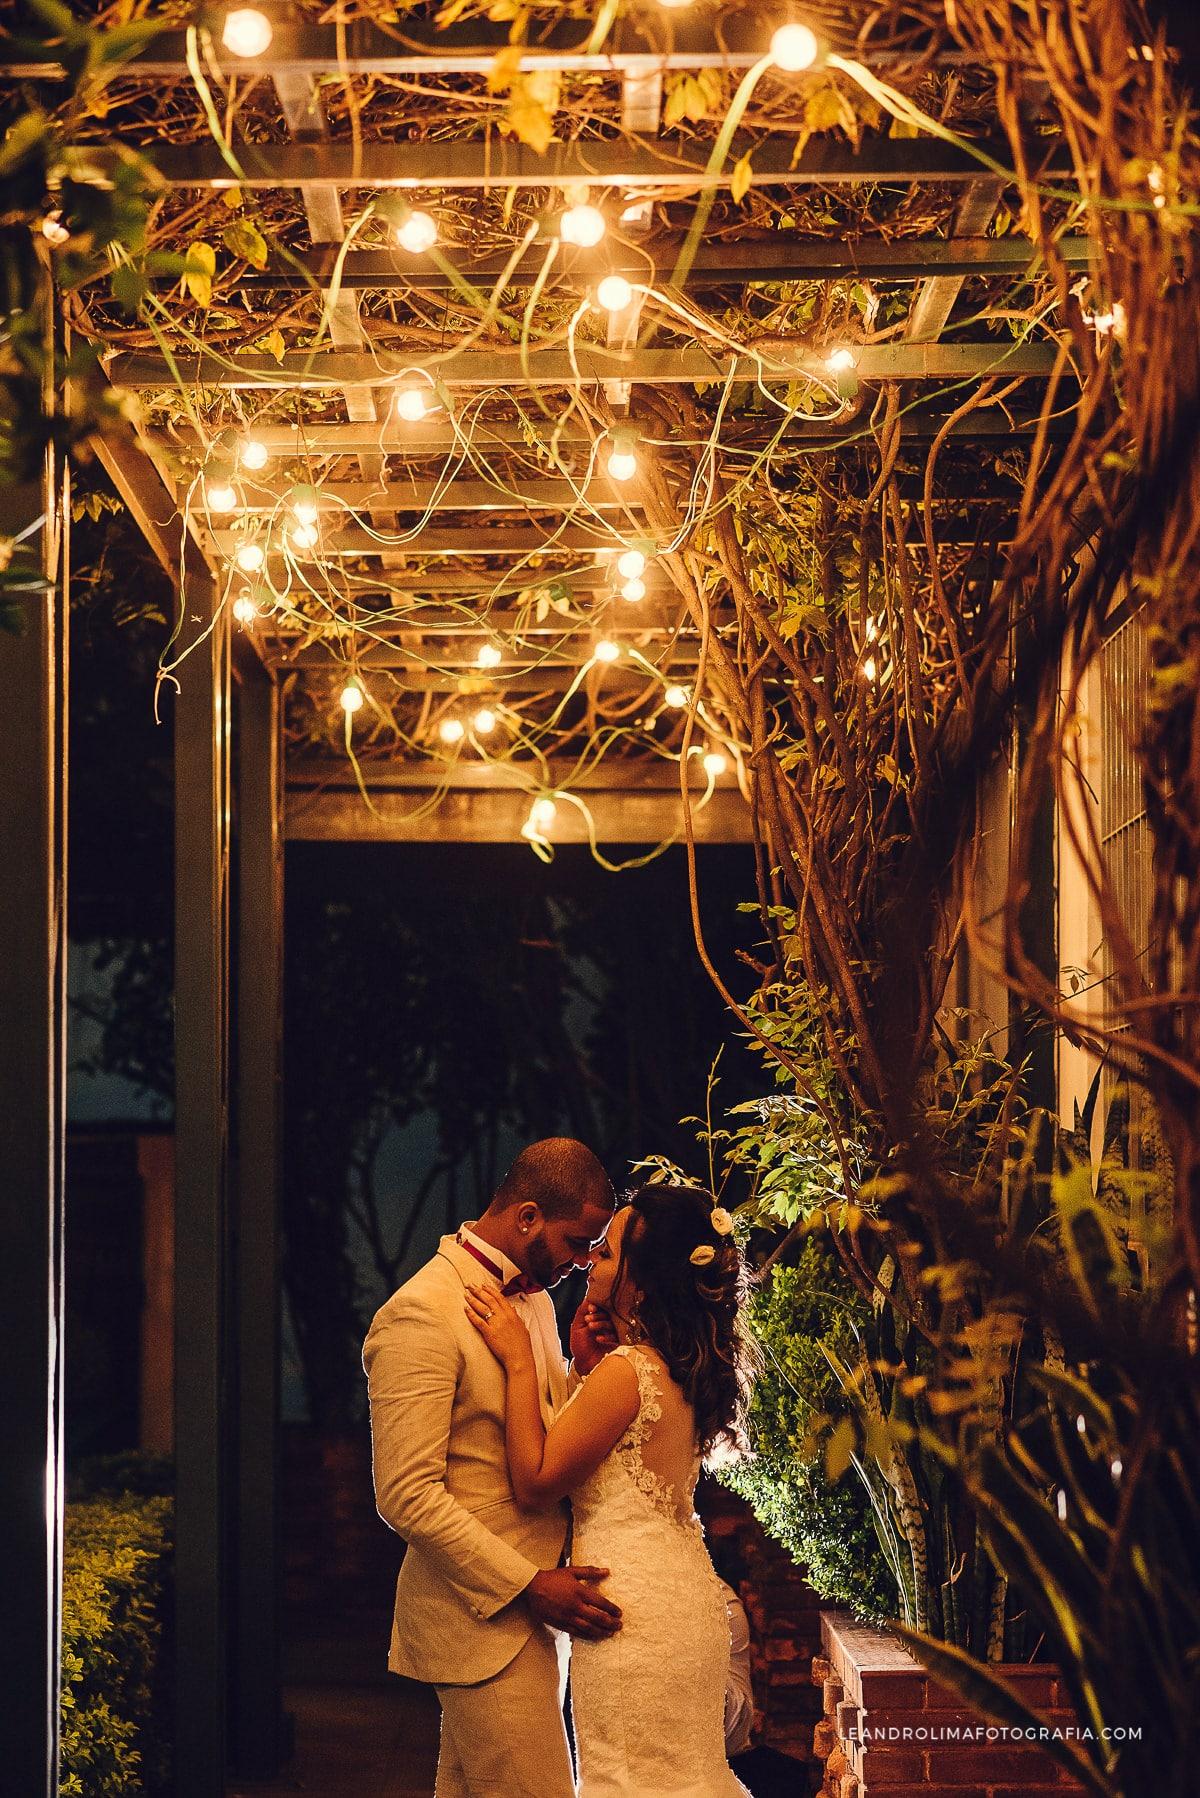 ensaio-noivos-casal-contra-luz-lampadas-retro